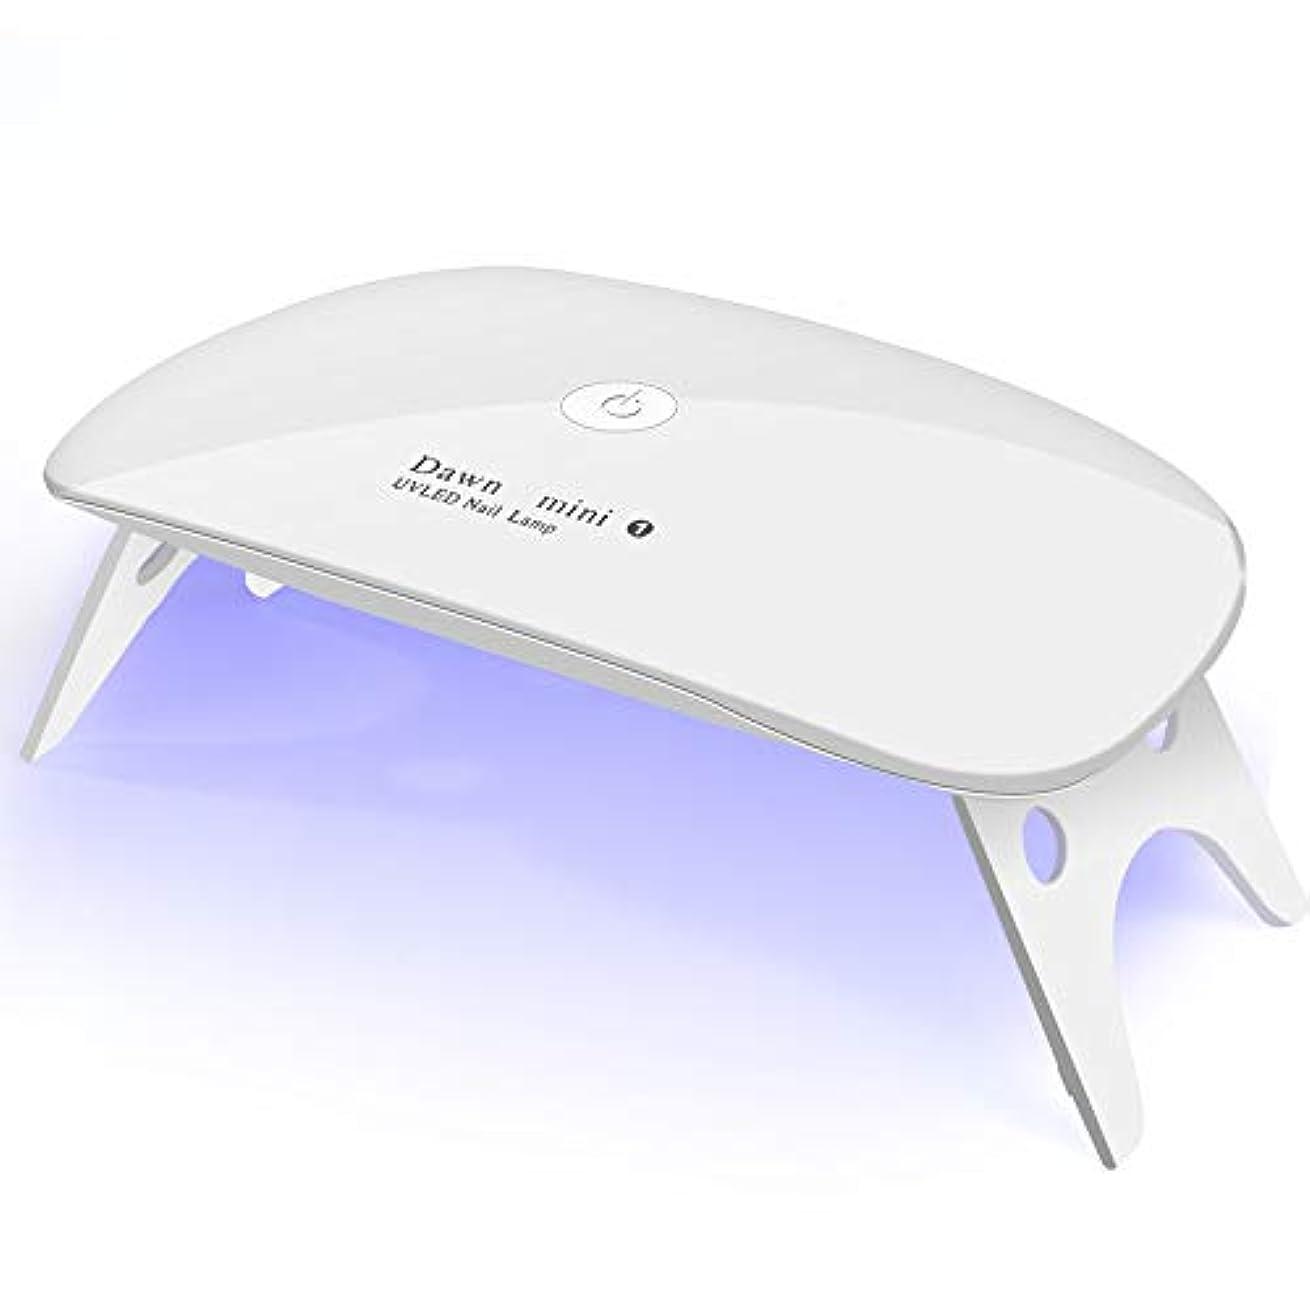 疑問に思うデンマーク語台風UVライト LEDネイルドライヤー ジェルネイルLEDライト 硬化ライト タイマー設定可能 折りたたみ式手足とも使える 人感センサー式 UV と LEDダブルライト ジェルネイル用 (ホワイト )